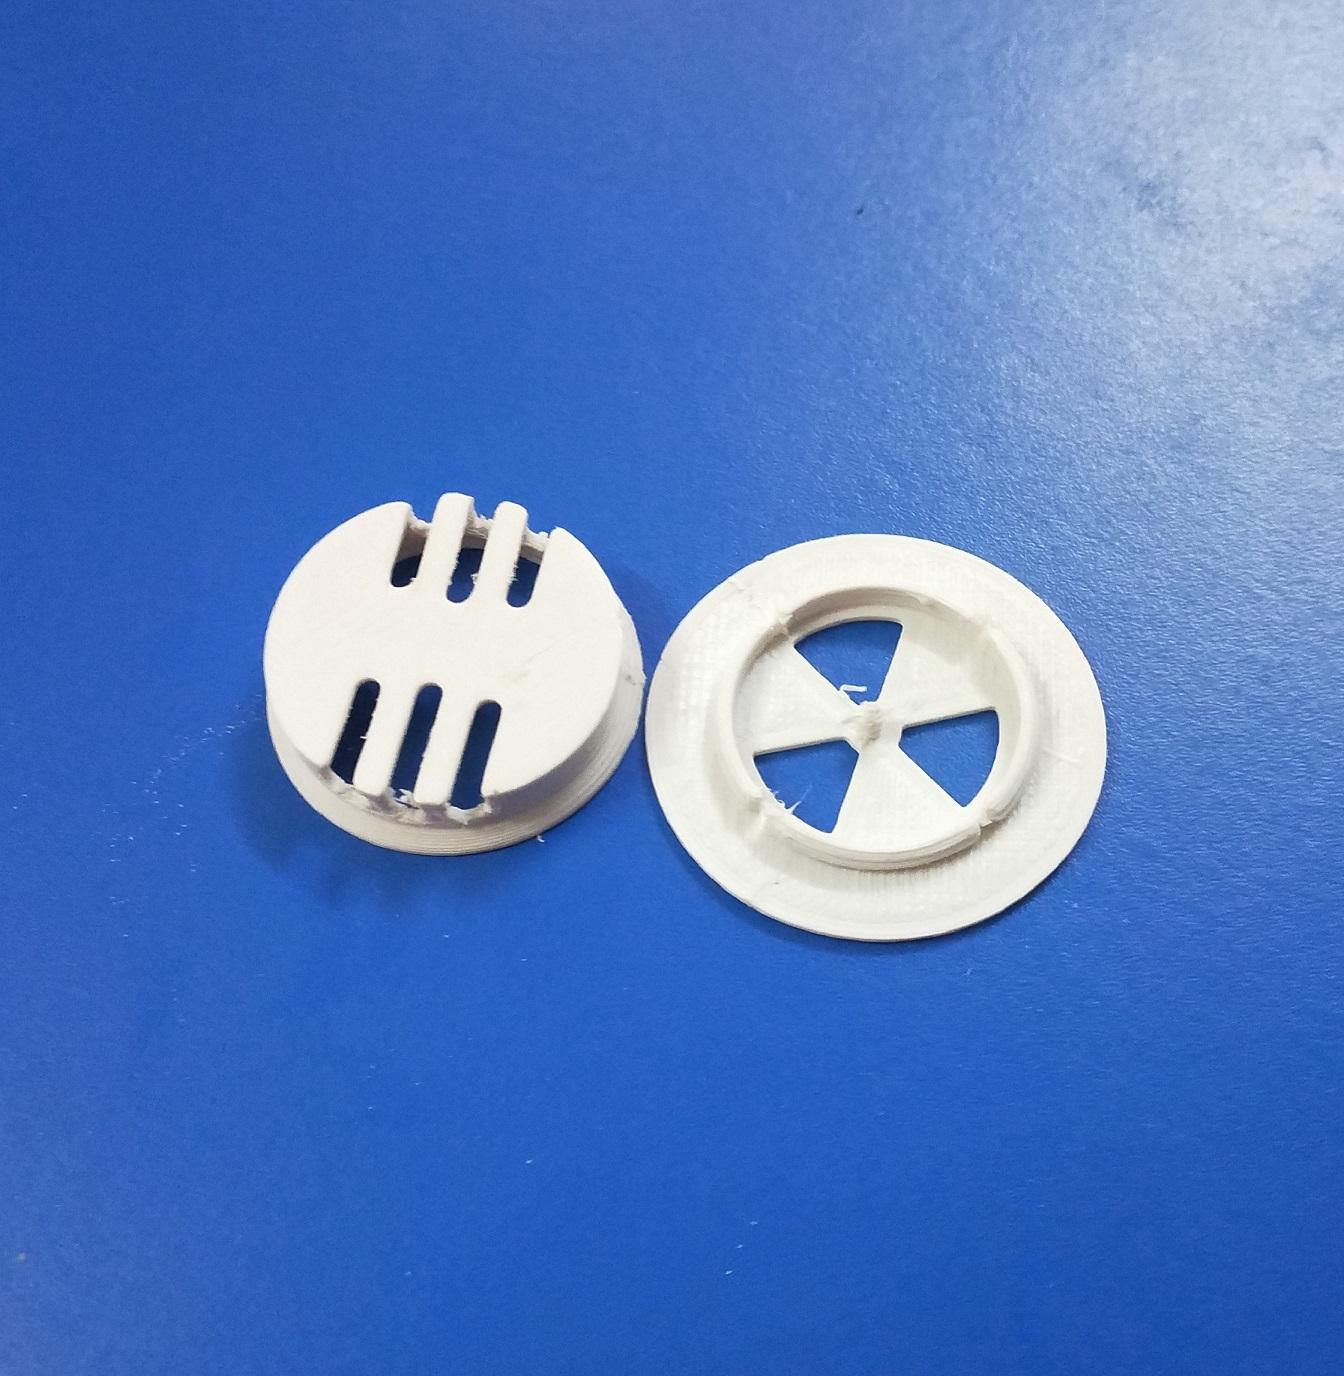 1.jpg Télécharger fichier STL gratuit masque de soupape d'expiration 3d imprimé • Modèle pour imprimante 3D, purishaktishekhar